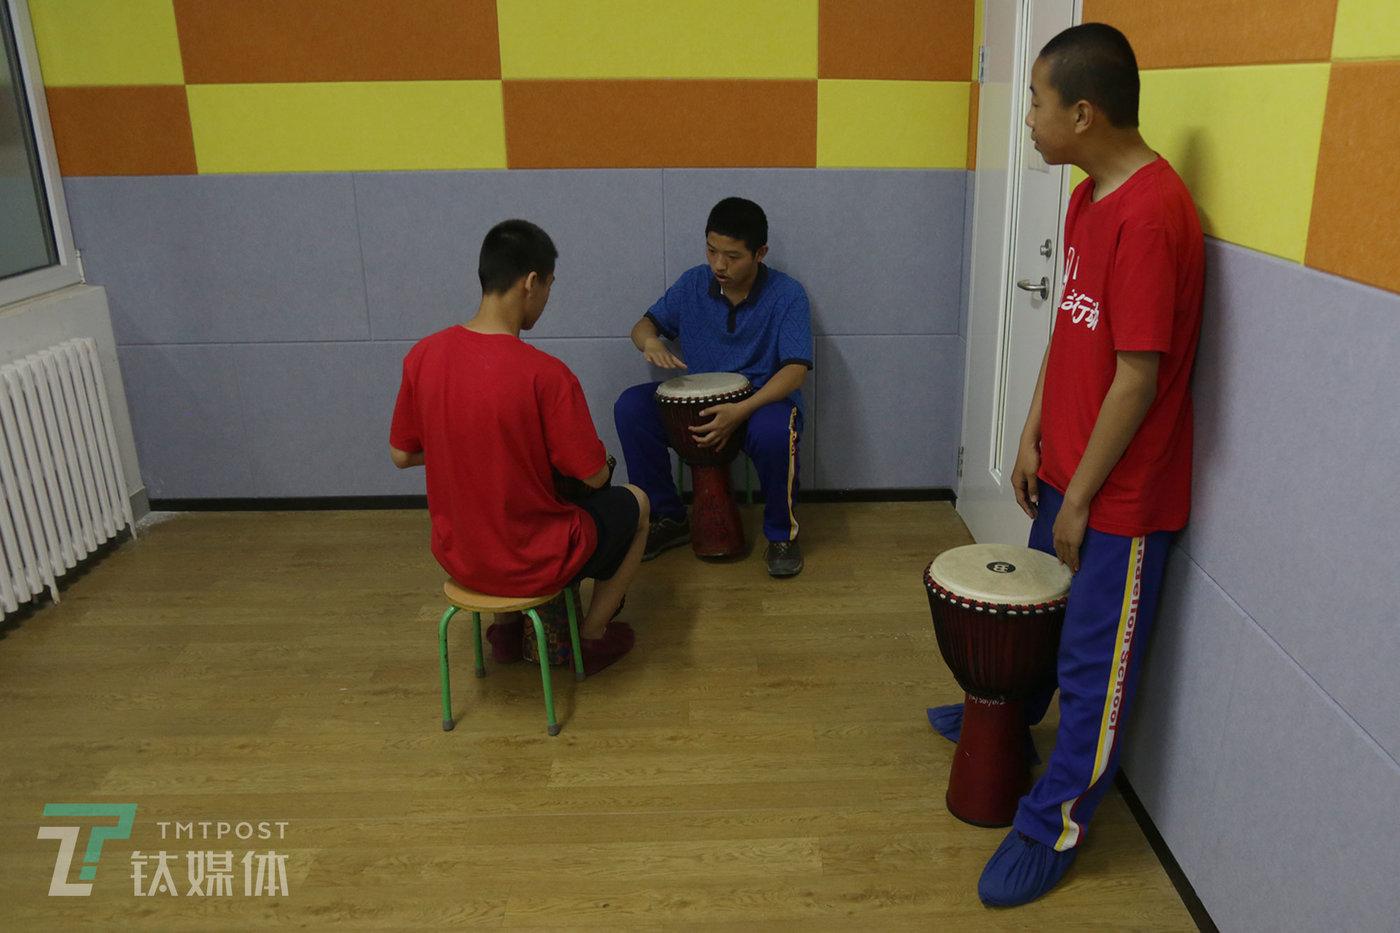 2019年5月9日,蒲公英中学,课外兴趣班上,彭城和同学一起学习非洲鼓。